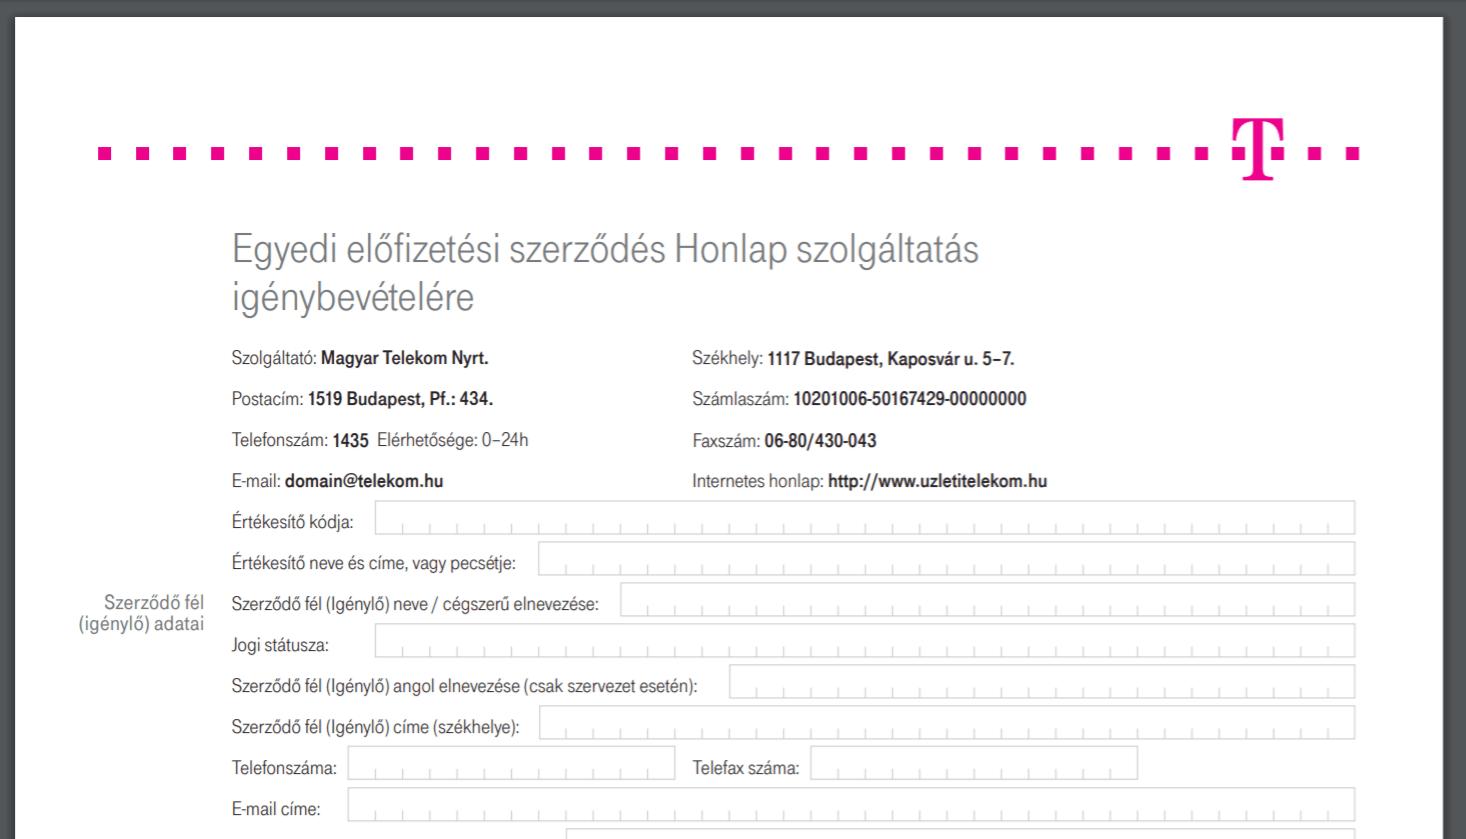 telekom.hu-support